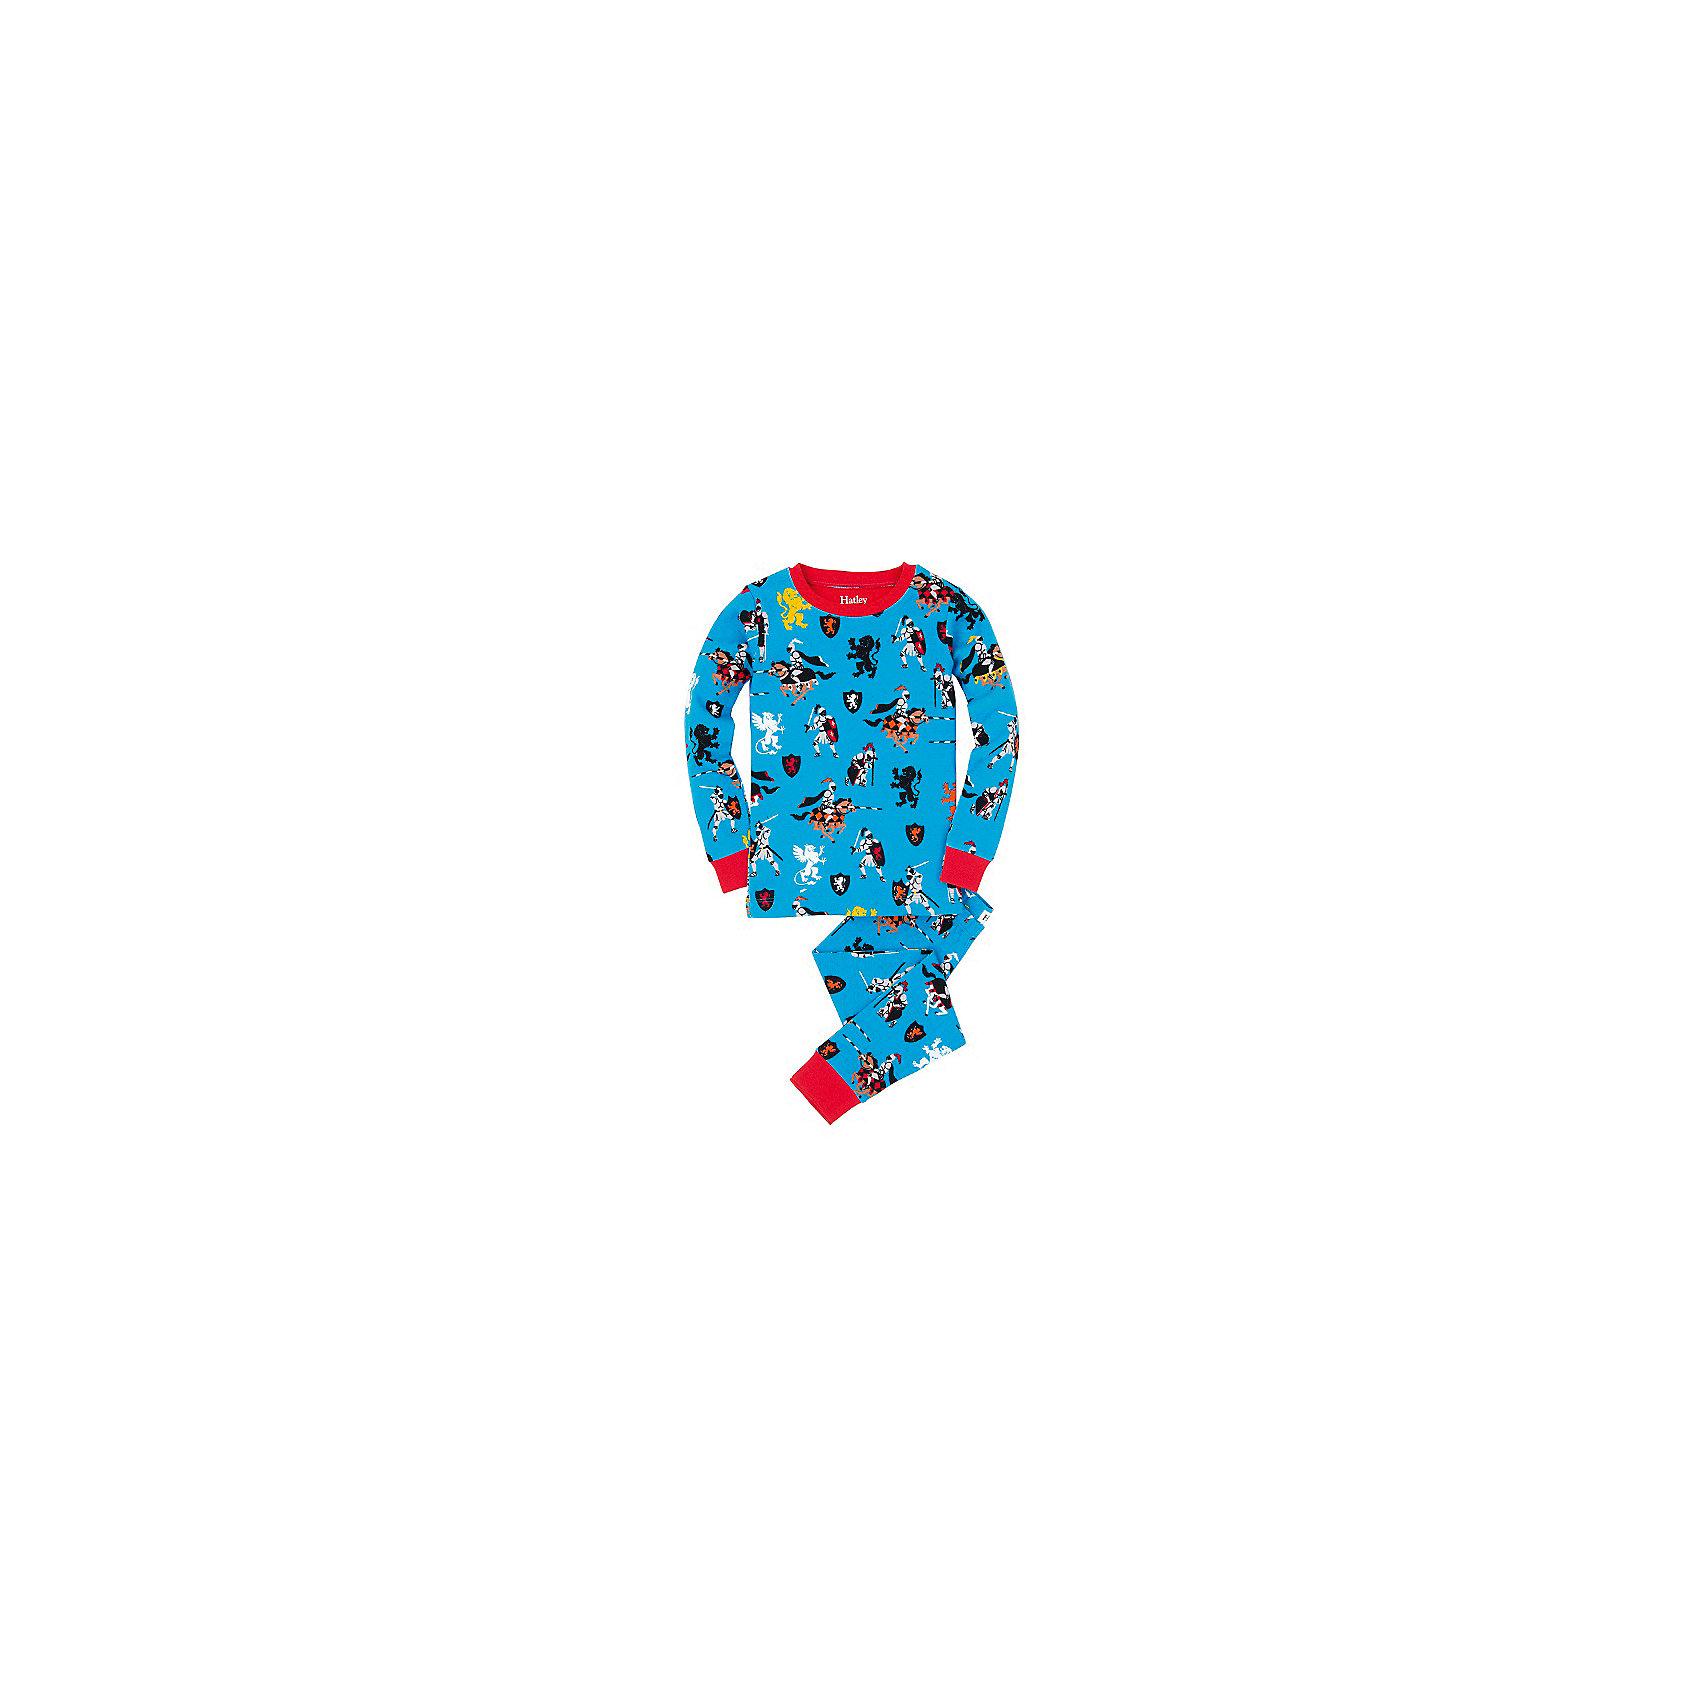 Пижама для мальчика HatleyПижамы и сорочки<br>Пижама для мальчика Hatley<br><br>Характеристики:<br><br>• Цвет: голубой<br>• Материал: 100% хлопок<br><br>Милая и яркая пижама для мальчика сделана из качественного материала, который не вызывает аллергию. Манжеты внизу на штанишках и на рукавах делают пижаму еще теплее, ведь они не позволяют пижамке «задраться» во время сна. Маленькие рыцари, изображенные на пижаме, не смогут оставить равнодушным ни одного мальчишку.<br><br>Пижама для мальчика Hatley можно купить в нашем интернет-магазине.<br><br>Ширина мм: 281<br>Глубина мм: 70<br>Высота мм: 188<br>Вес г: 295<br>Цвет: голубой<br>Возраст от месяцев: 96<br>Возраст до месяцев: 108<br>Пол: Мужской<br>Возраст: Детский<br>Размер: 104,92,122,128,110,116,98<br>SKU: 5020789